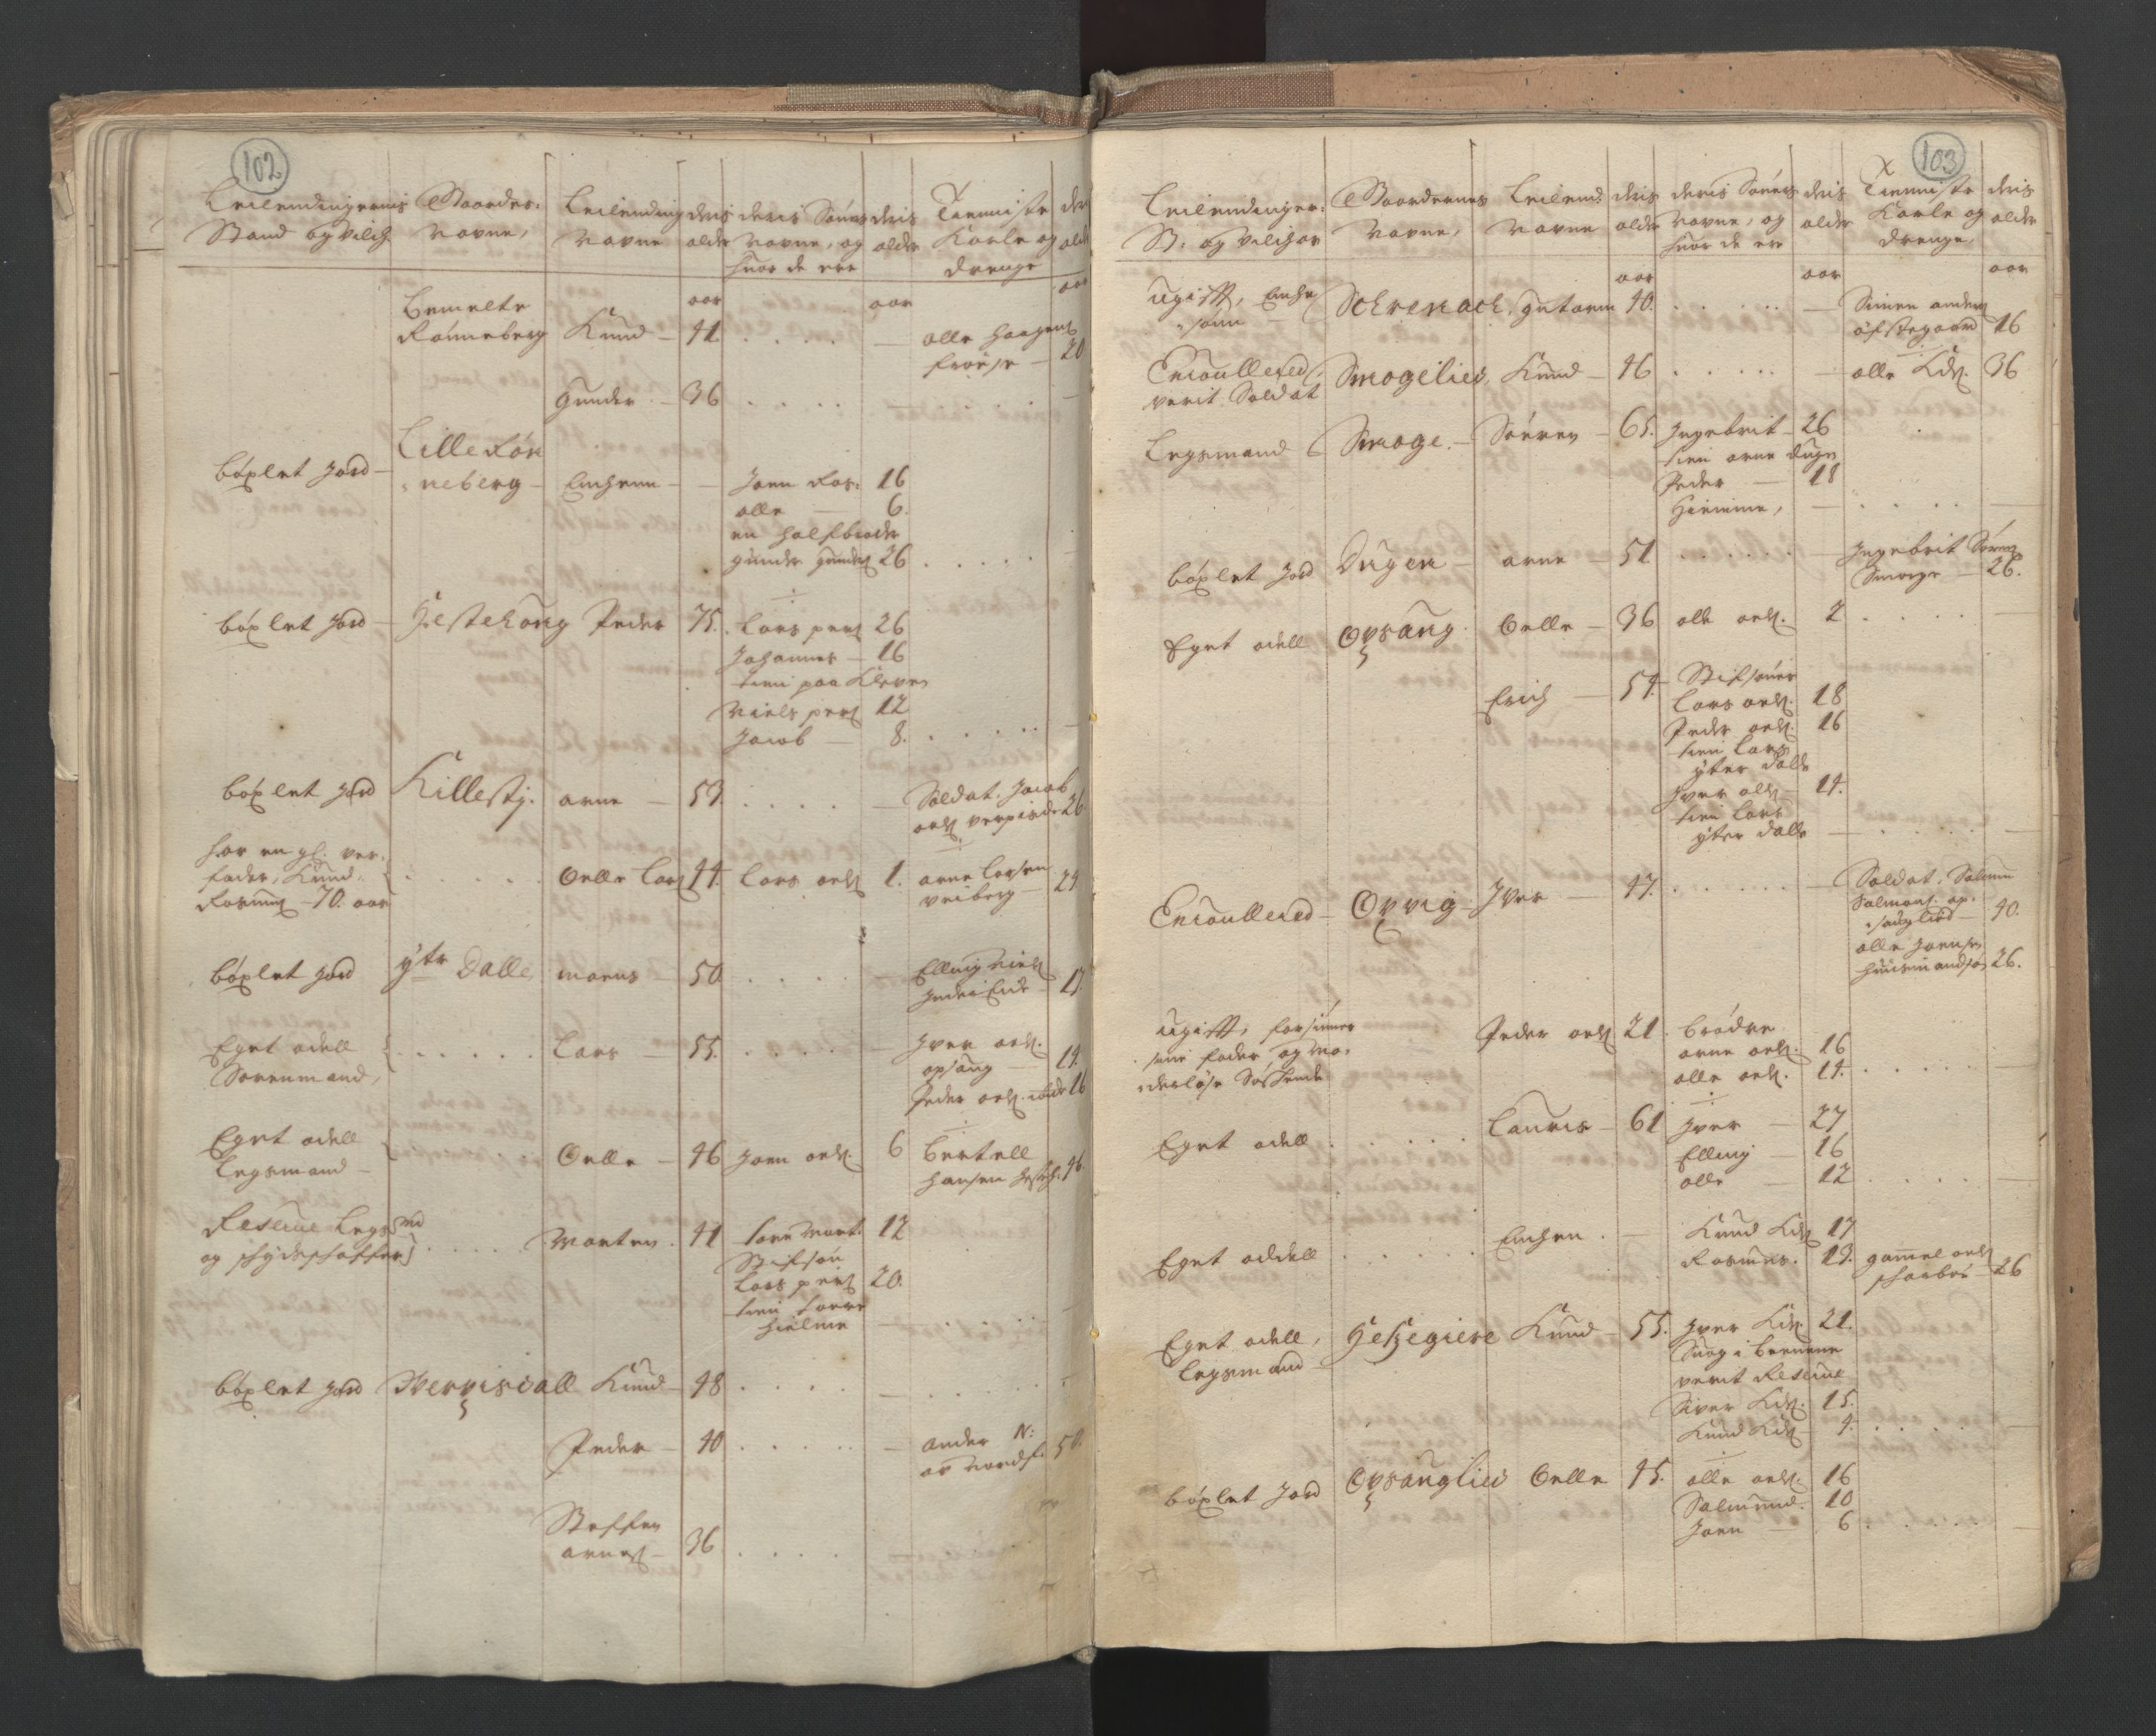 RA, Manntallet 1701, nr. 10: Sunnmøre fogderi, 1701, s. 102-103